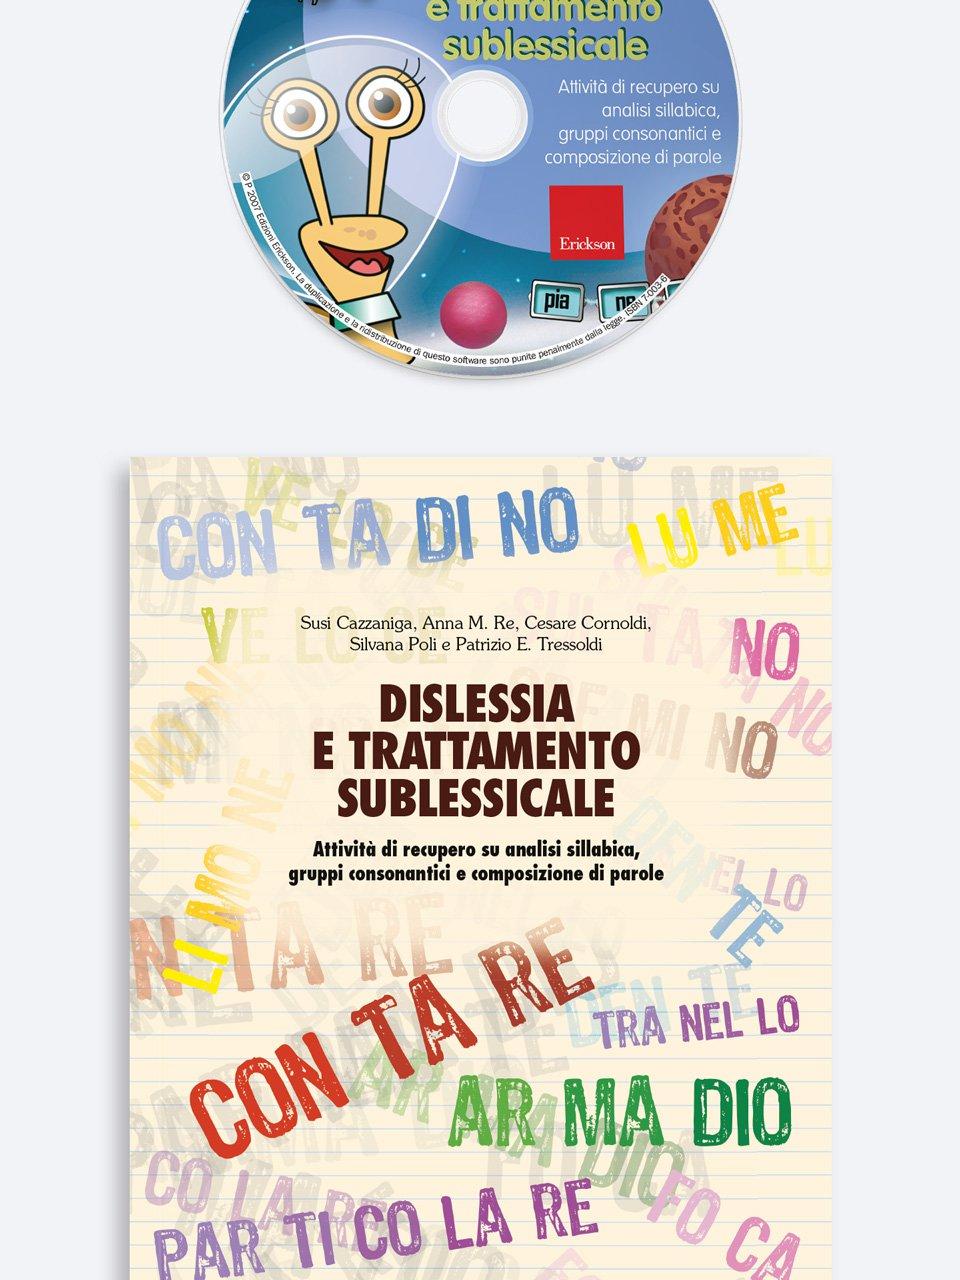 Dislessia e trattamento sublessicale - Schede per Tablotto (6-8 anni) - I mostri dell'ort - Giochi - Erickson 3